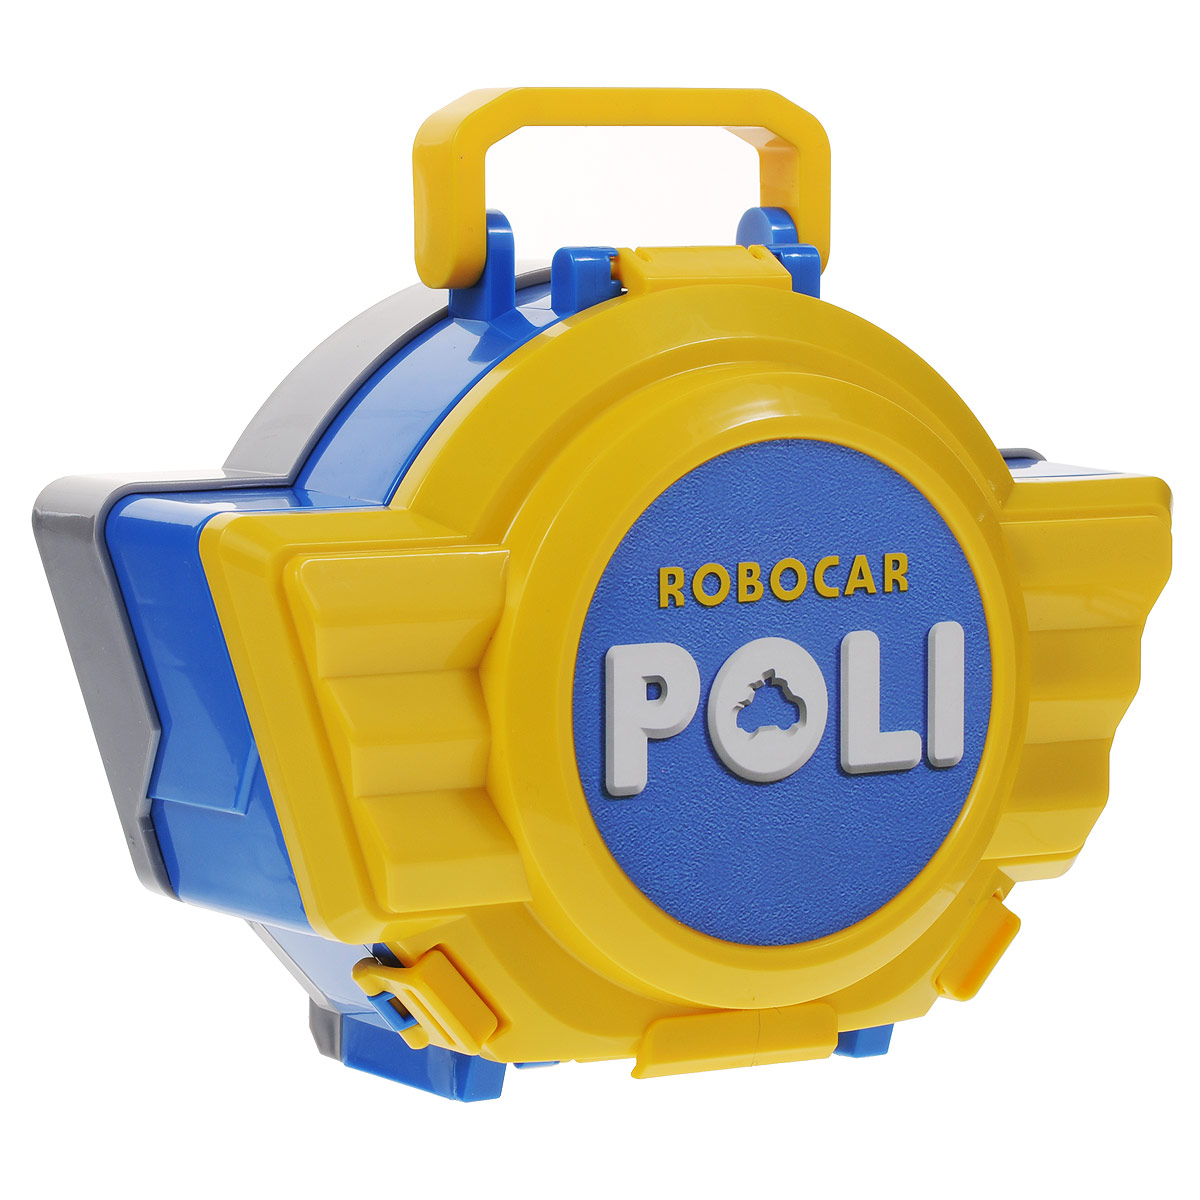 Robocar Poli Игрушка-кейс для трансформера Поли цвет желтый синий игрушка poli кейс для трансформера рой 83077